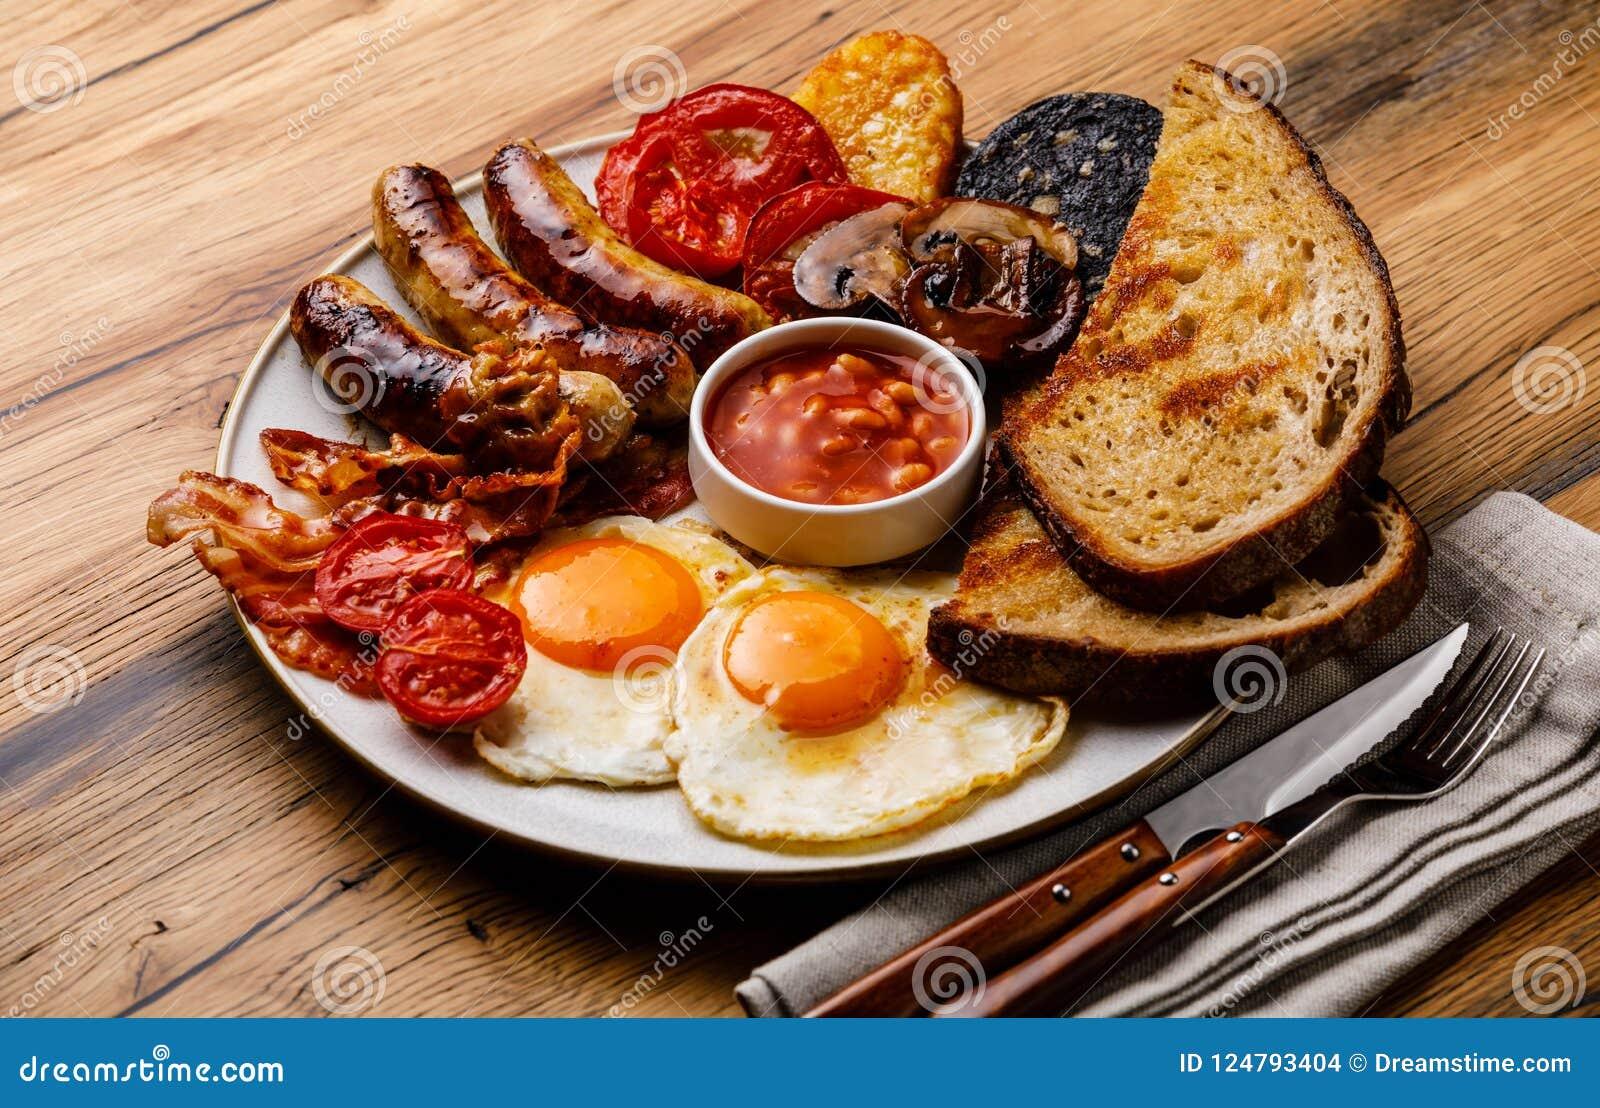 Fritada completa acima do café da manhã inglês com ovos fritos, salsichas, bacon